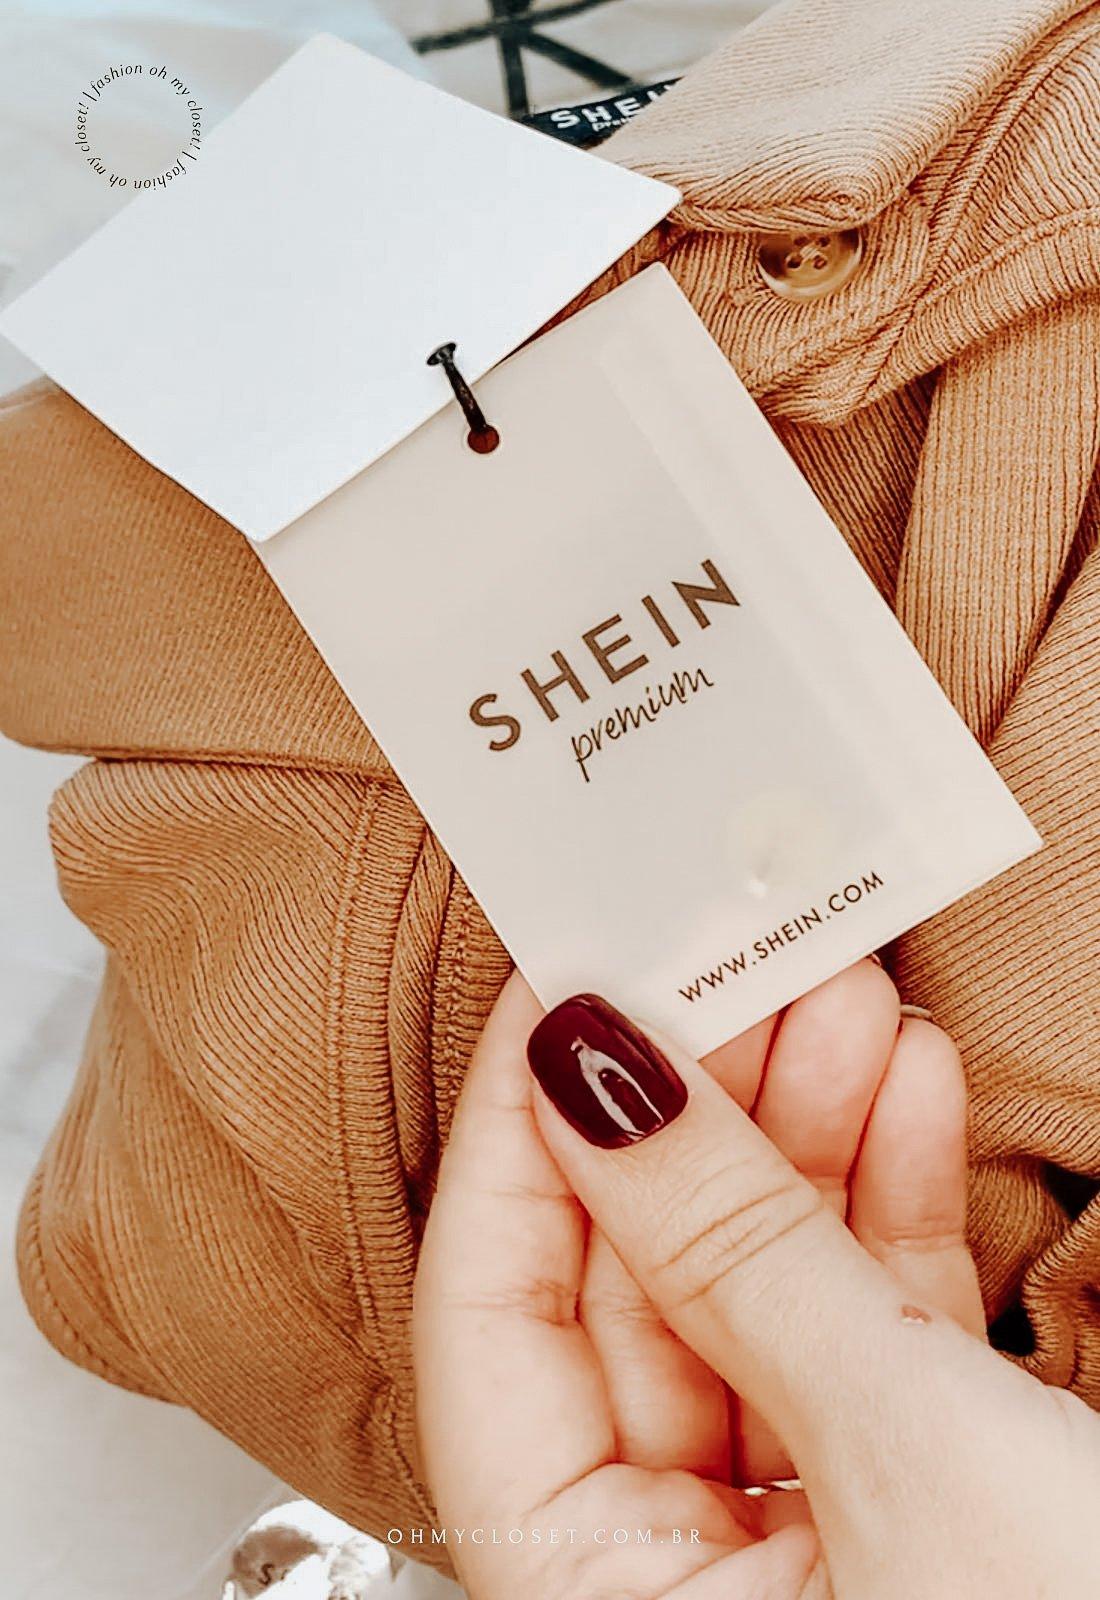 Qualidade e acabamento são os diferenciais da SHEIN premium.